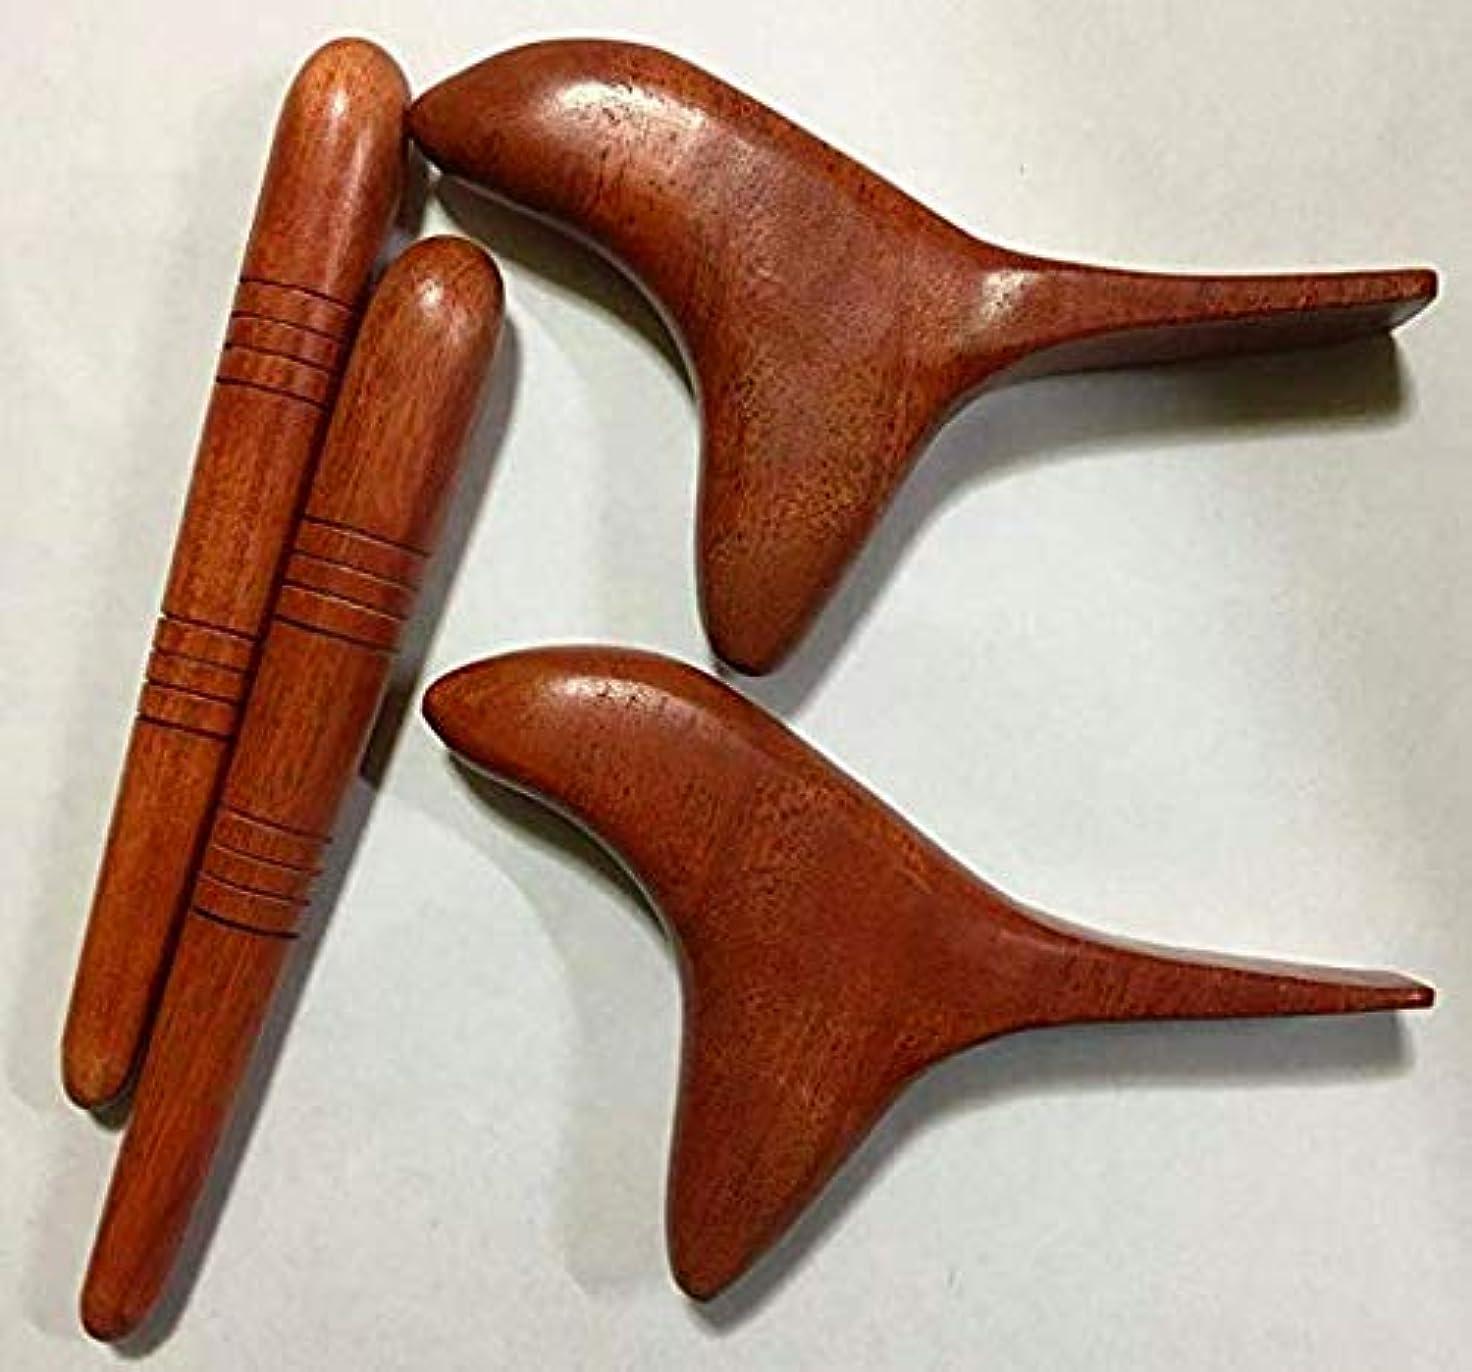 エーカークッション吐き出す【2種類×2セット】オカリナ型 (鳥型)ツボ押し棒 + 棒型 天然木 マッサージ棒 フットマッサージ リフレクソロジー セルフマッサージ